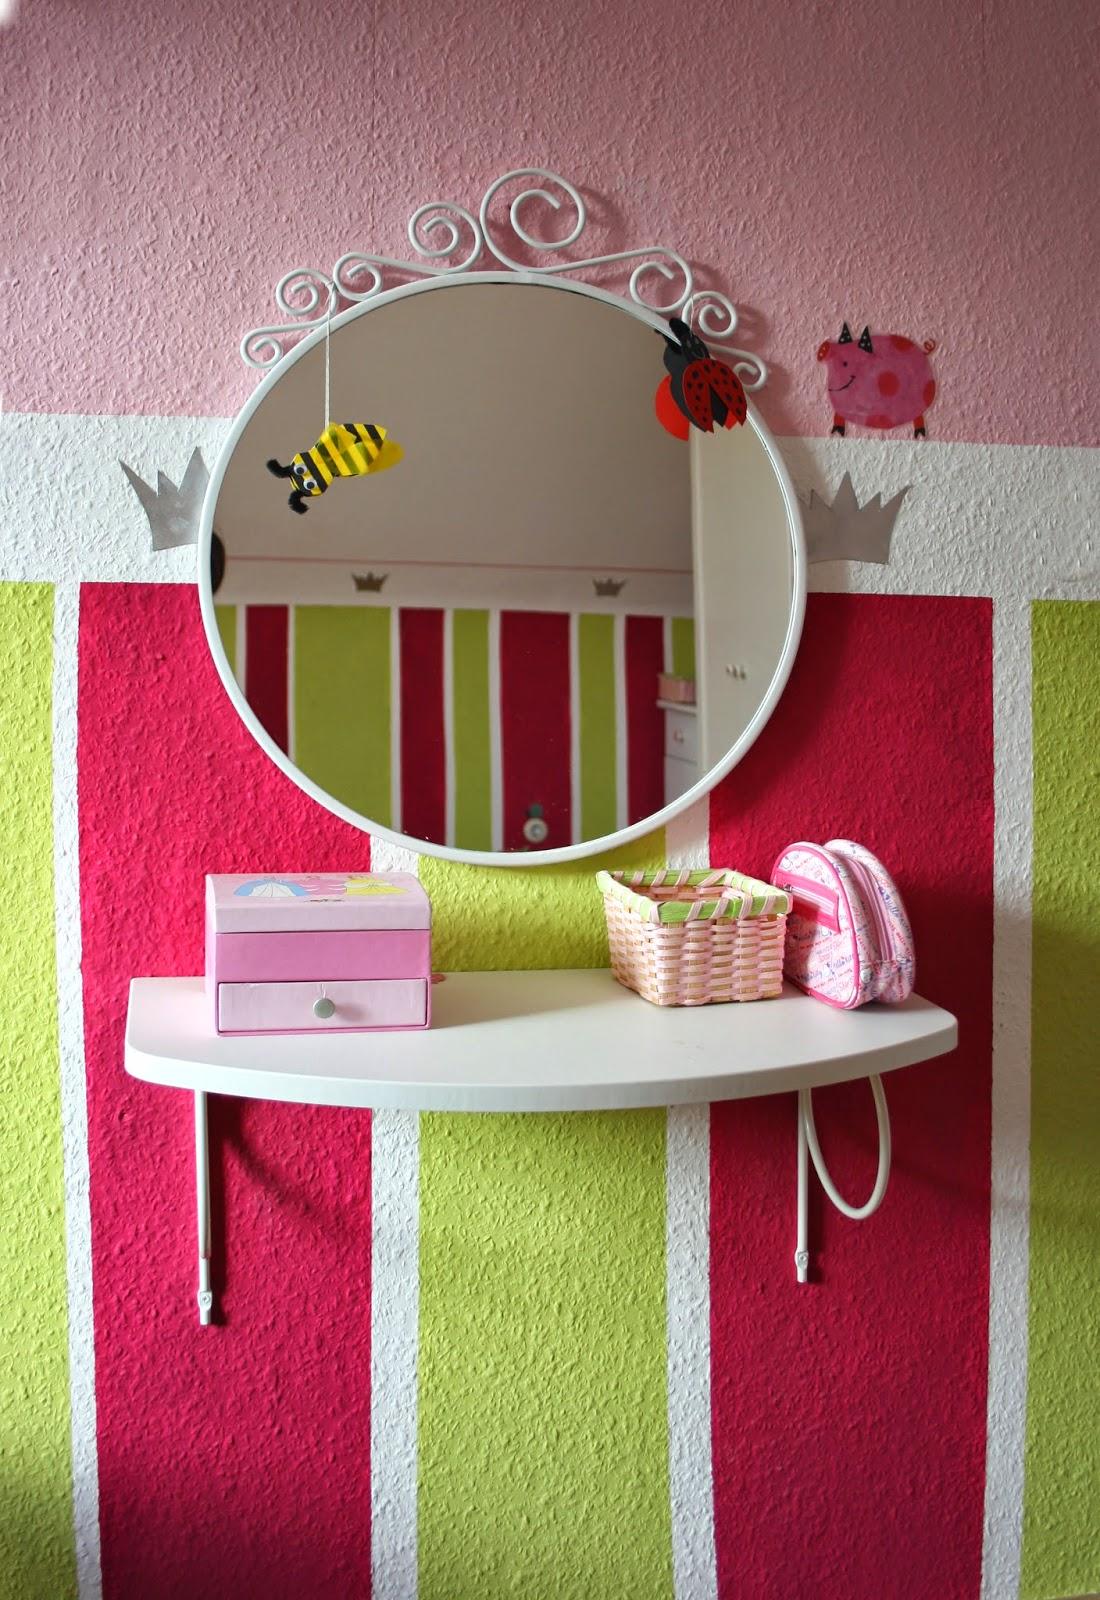 Andrea meyer dekoration und gestaltung ein kinderzimmer for Moskitonetz kinderzimmer